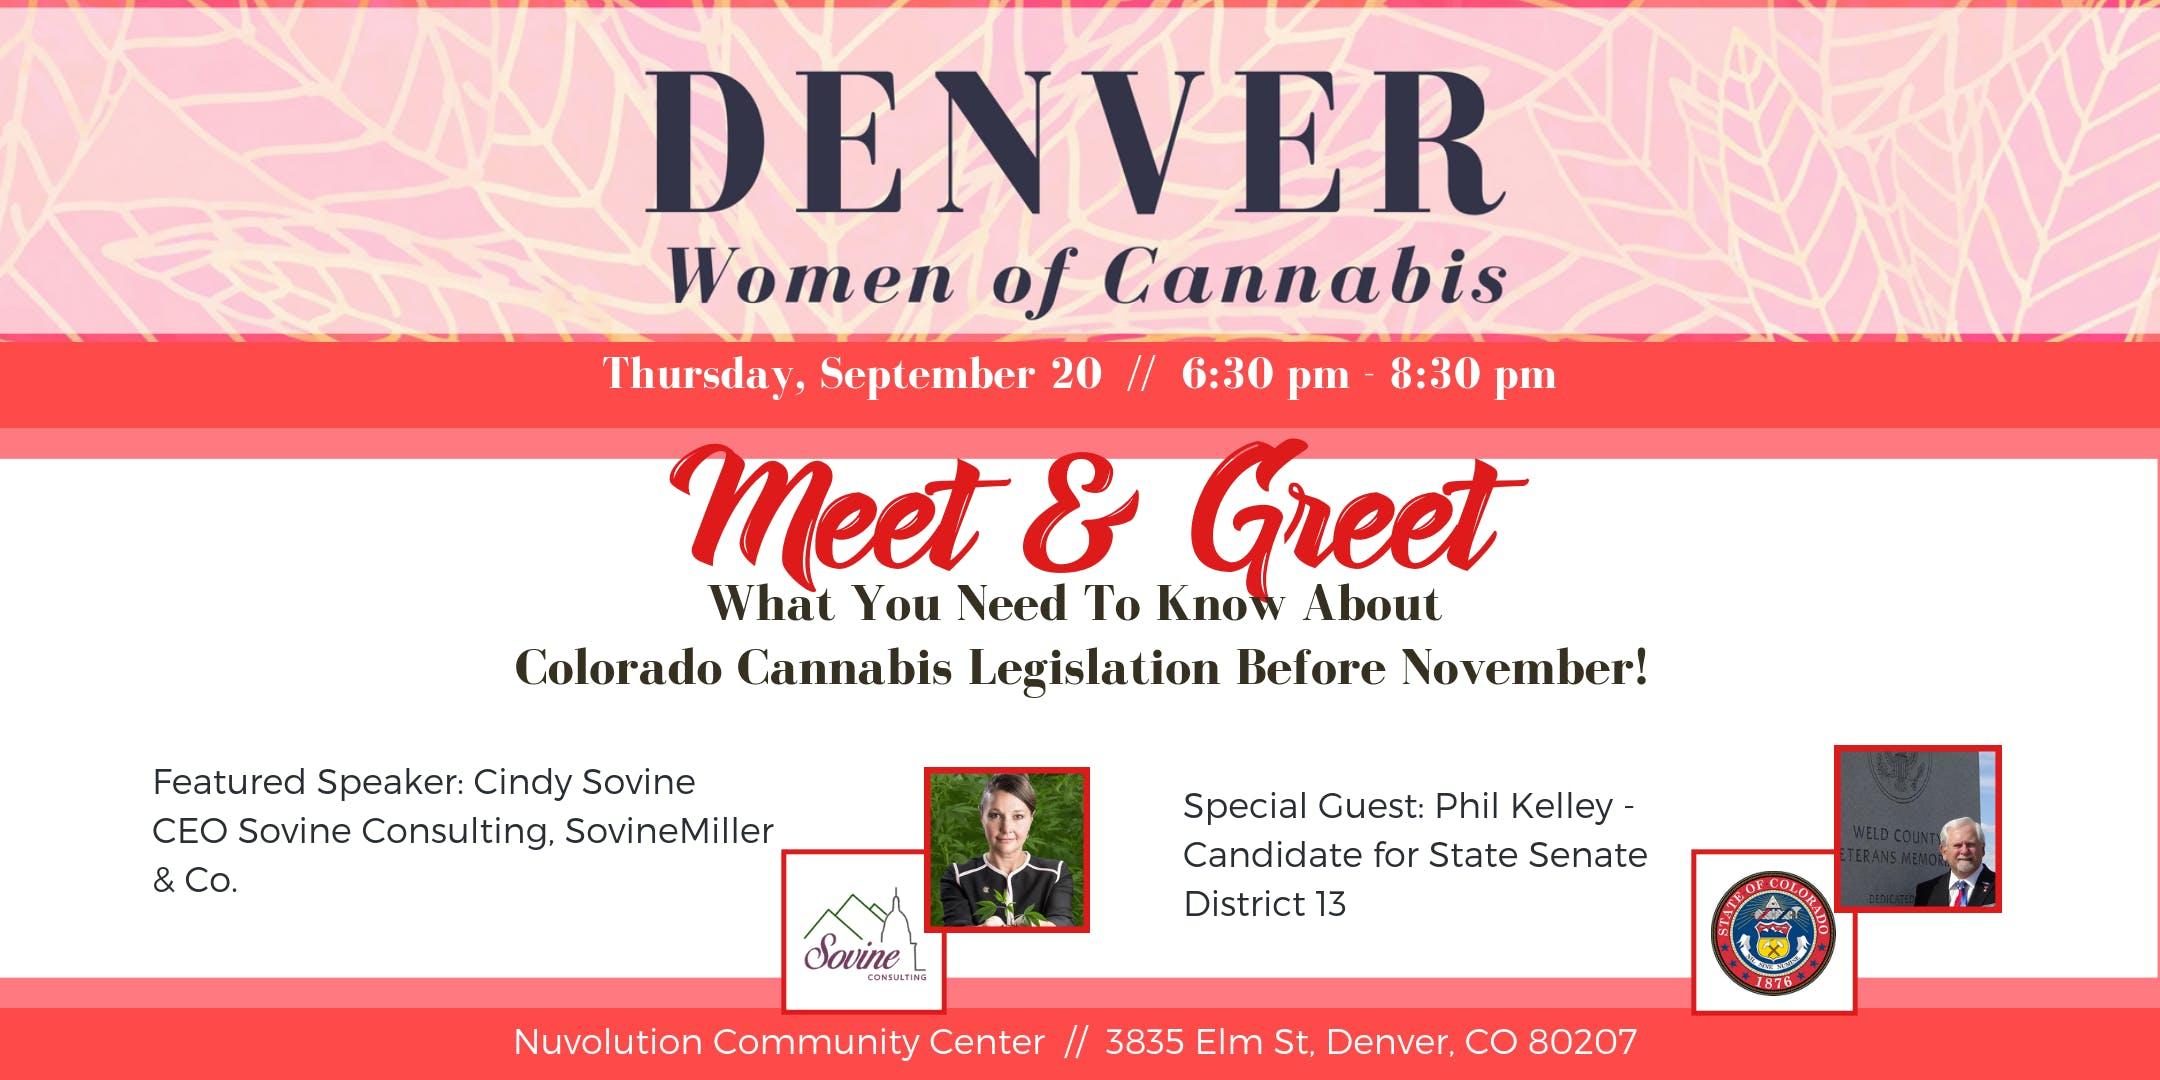 Denver women of cannabis september meet greet 20 sep 2018 denver women of cannabis september meet greet m4hsunfo